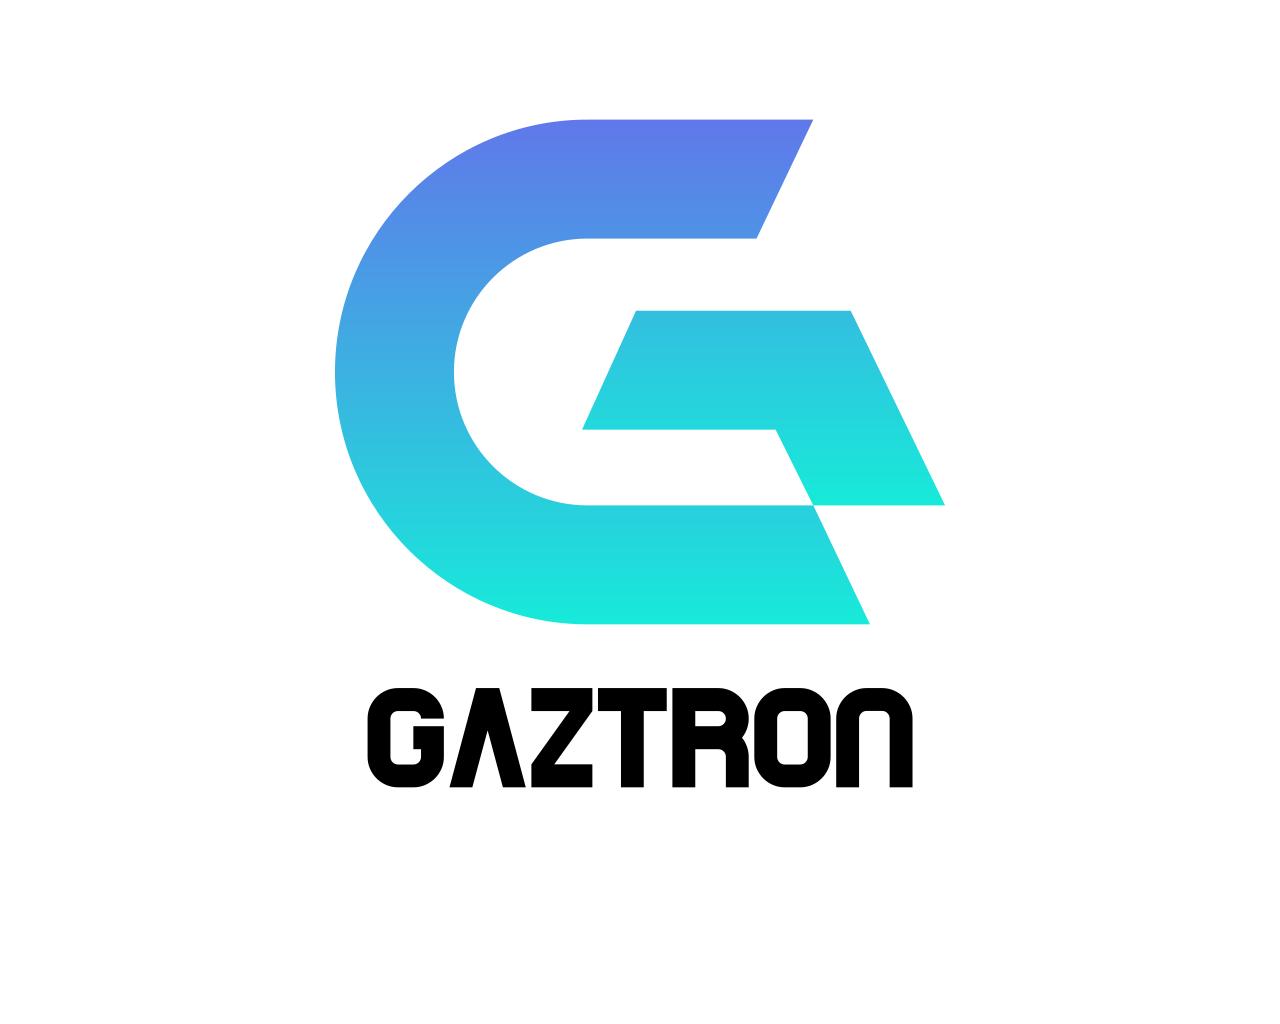 Gaztron